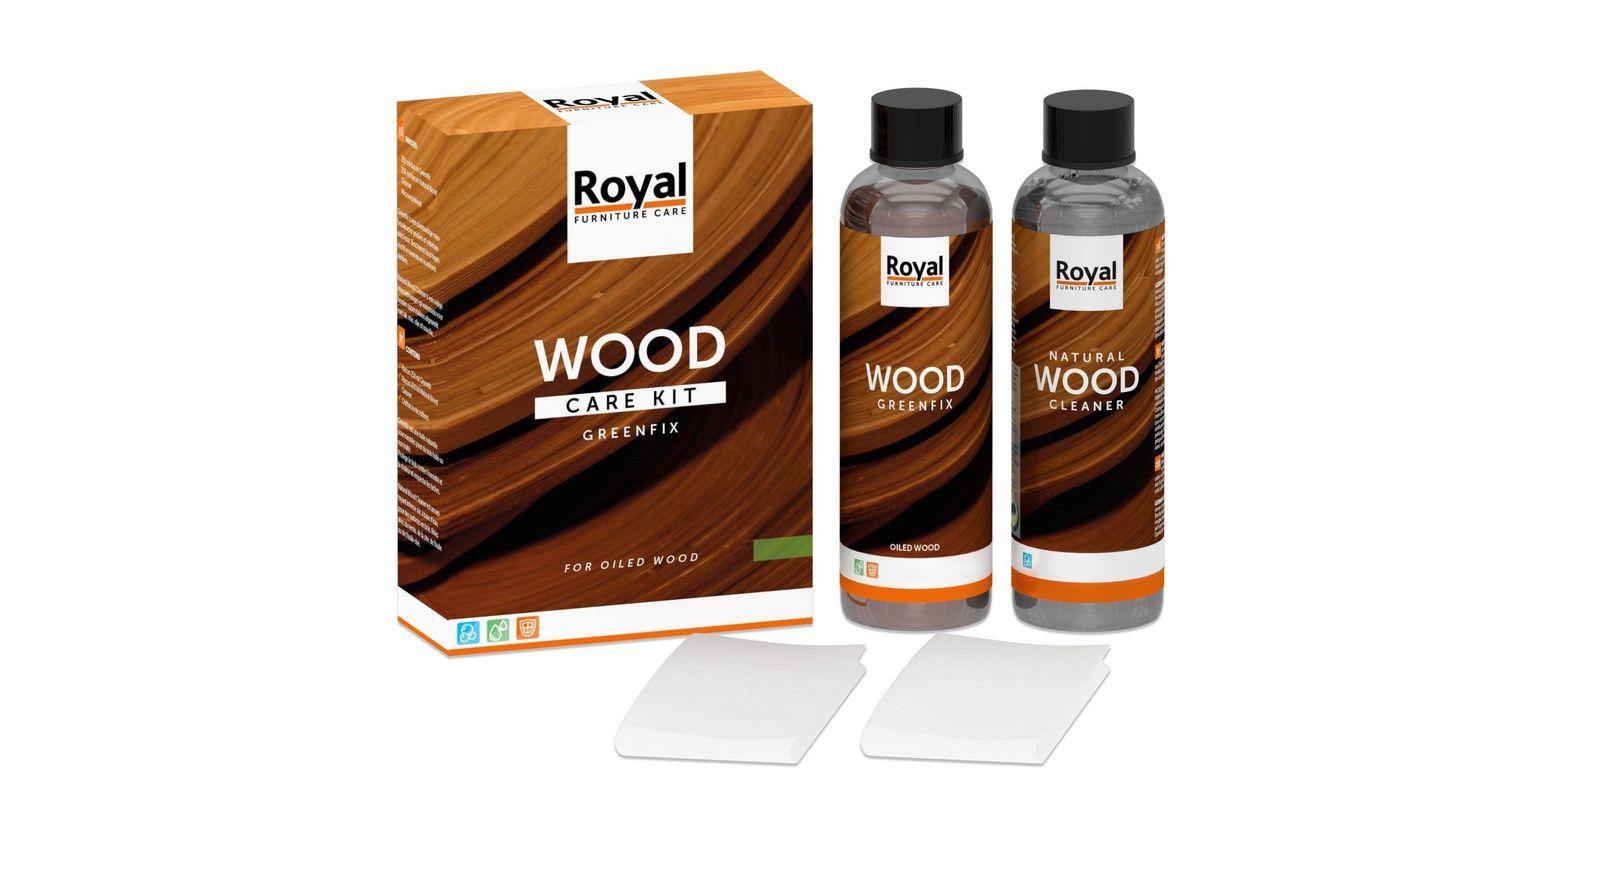 Preiswertes Holzpflegeset für geölte Oberflächen inklusive Reinigungstuch